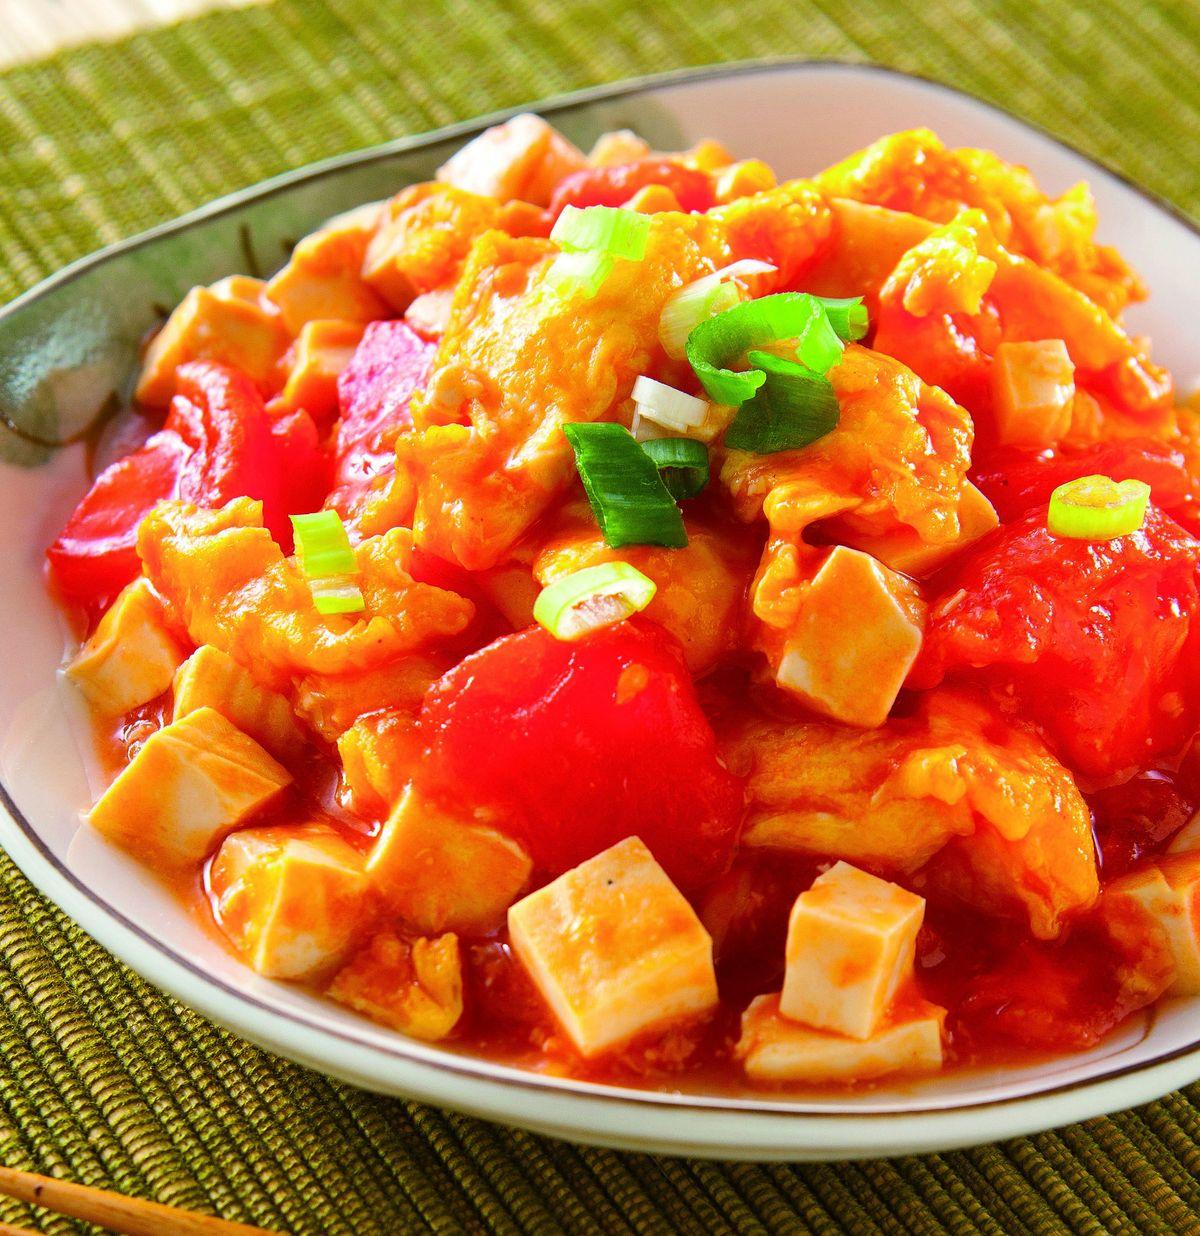 食譜:蕃茄炒豆腐炒蛋